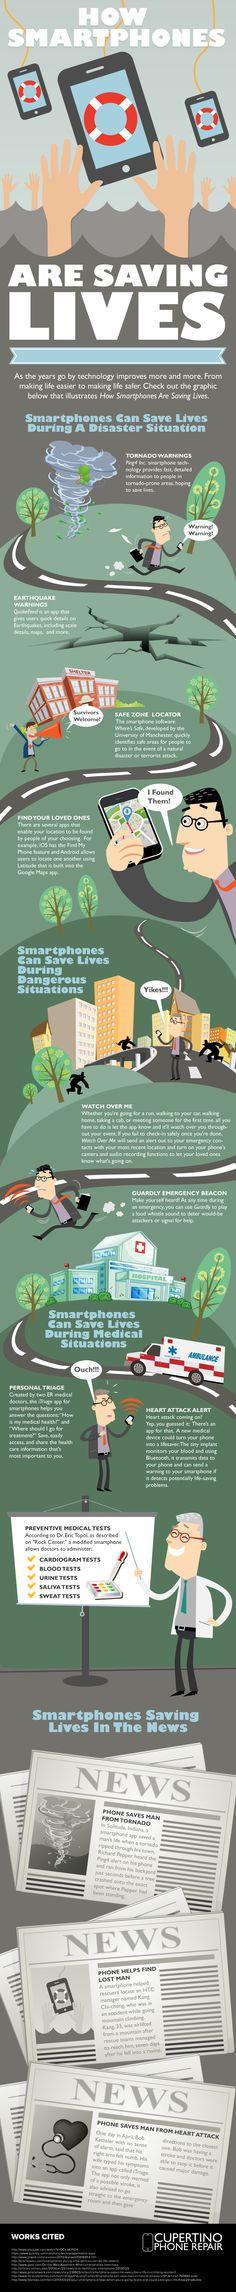 Cómo los #smartphones salvan vidas #infografia #infographic